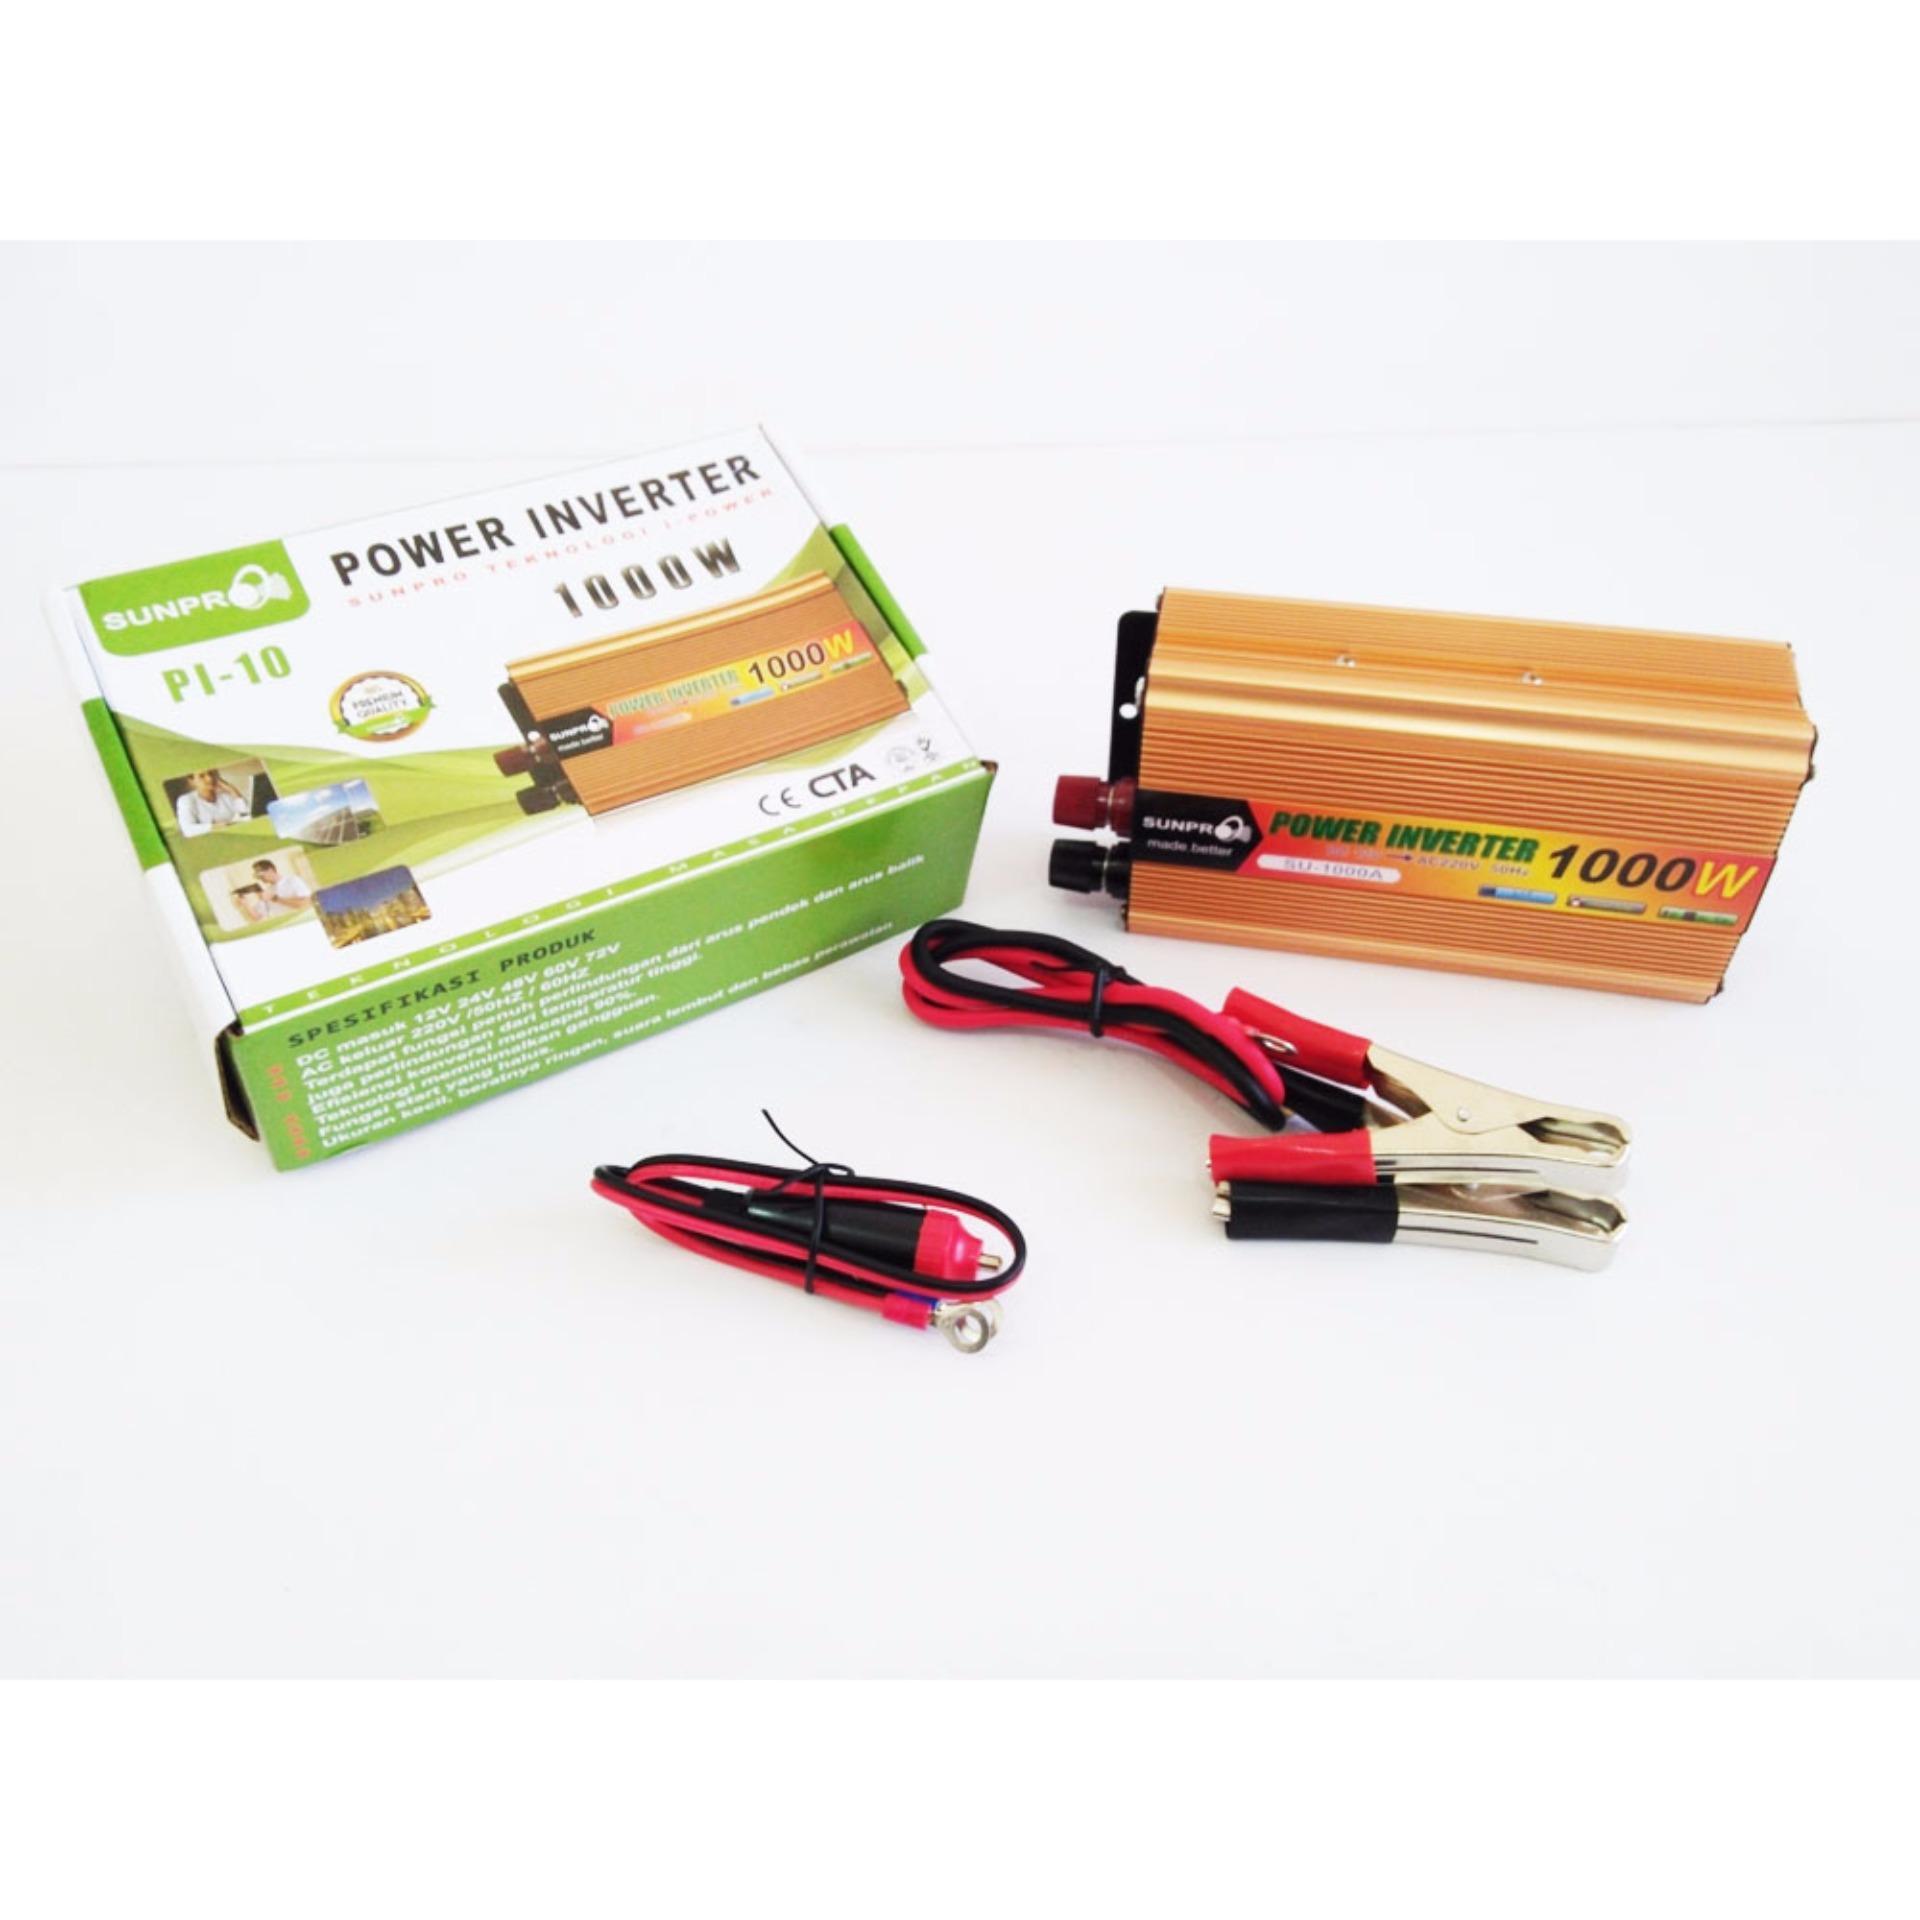 Pencari Harga Power Inverter 1000 watt Sunpro PI-10 terbaik murah - Hanya Rp237.538